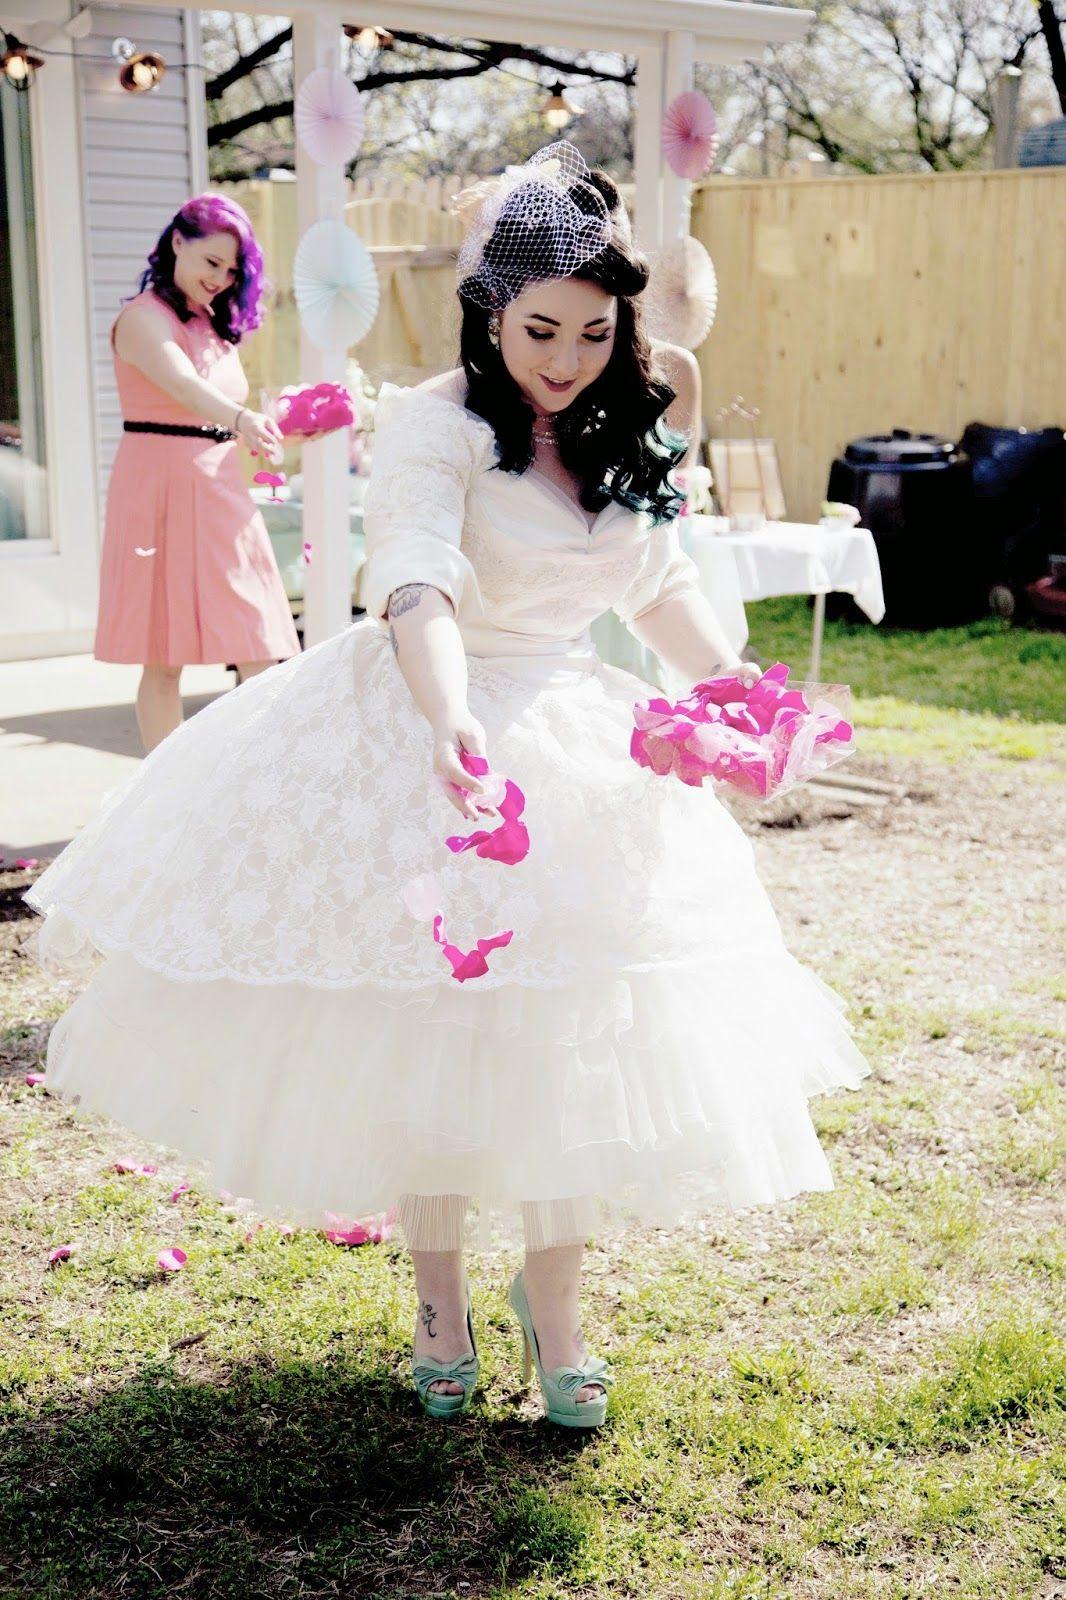 lola tangled diy vintage backyard wedding on a tiny budget